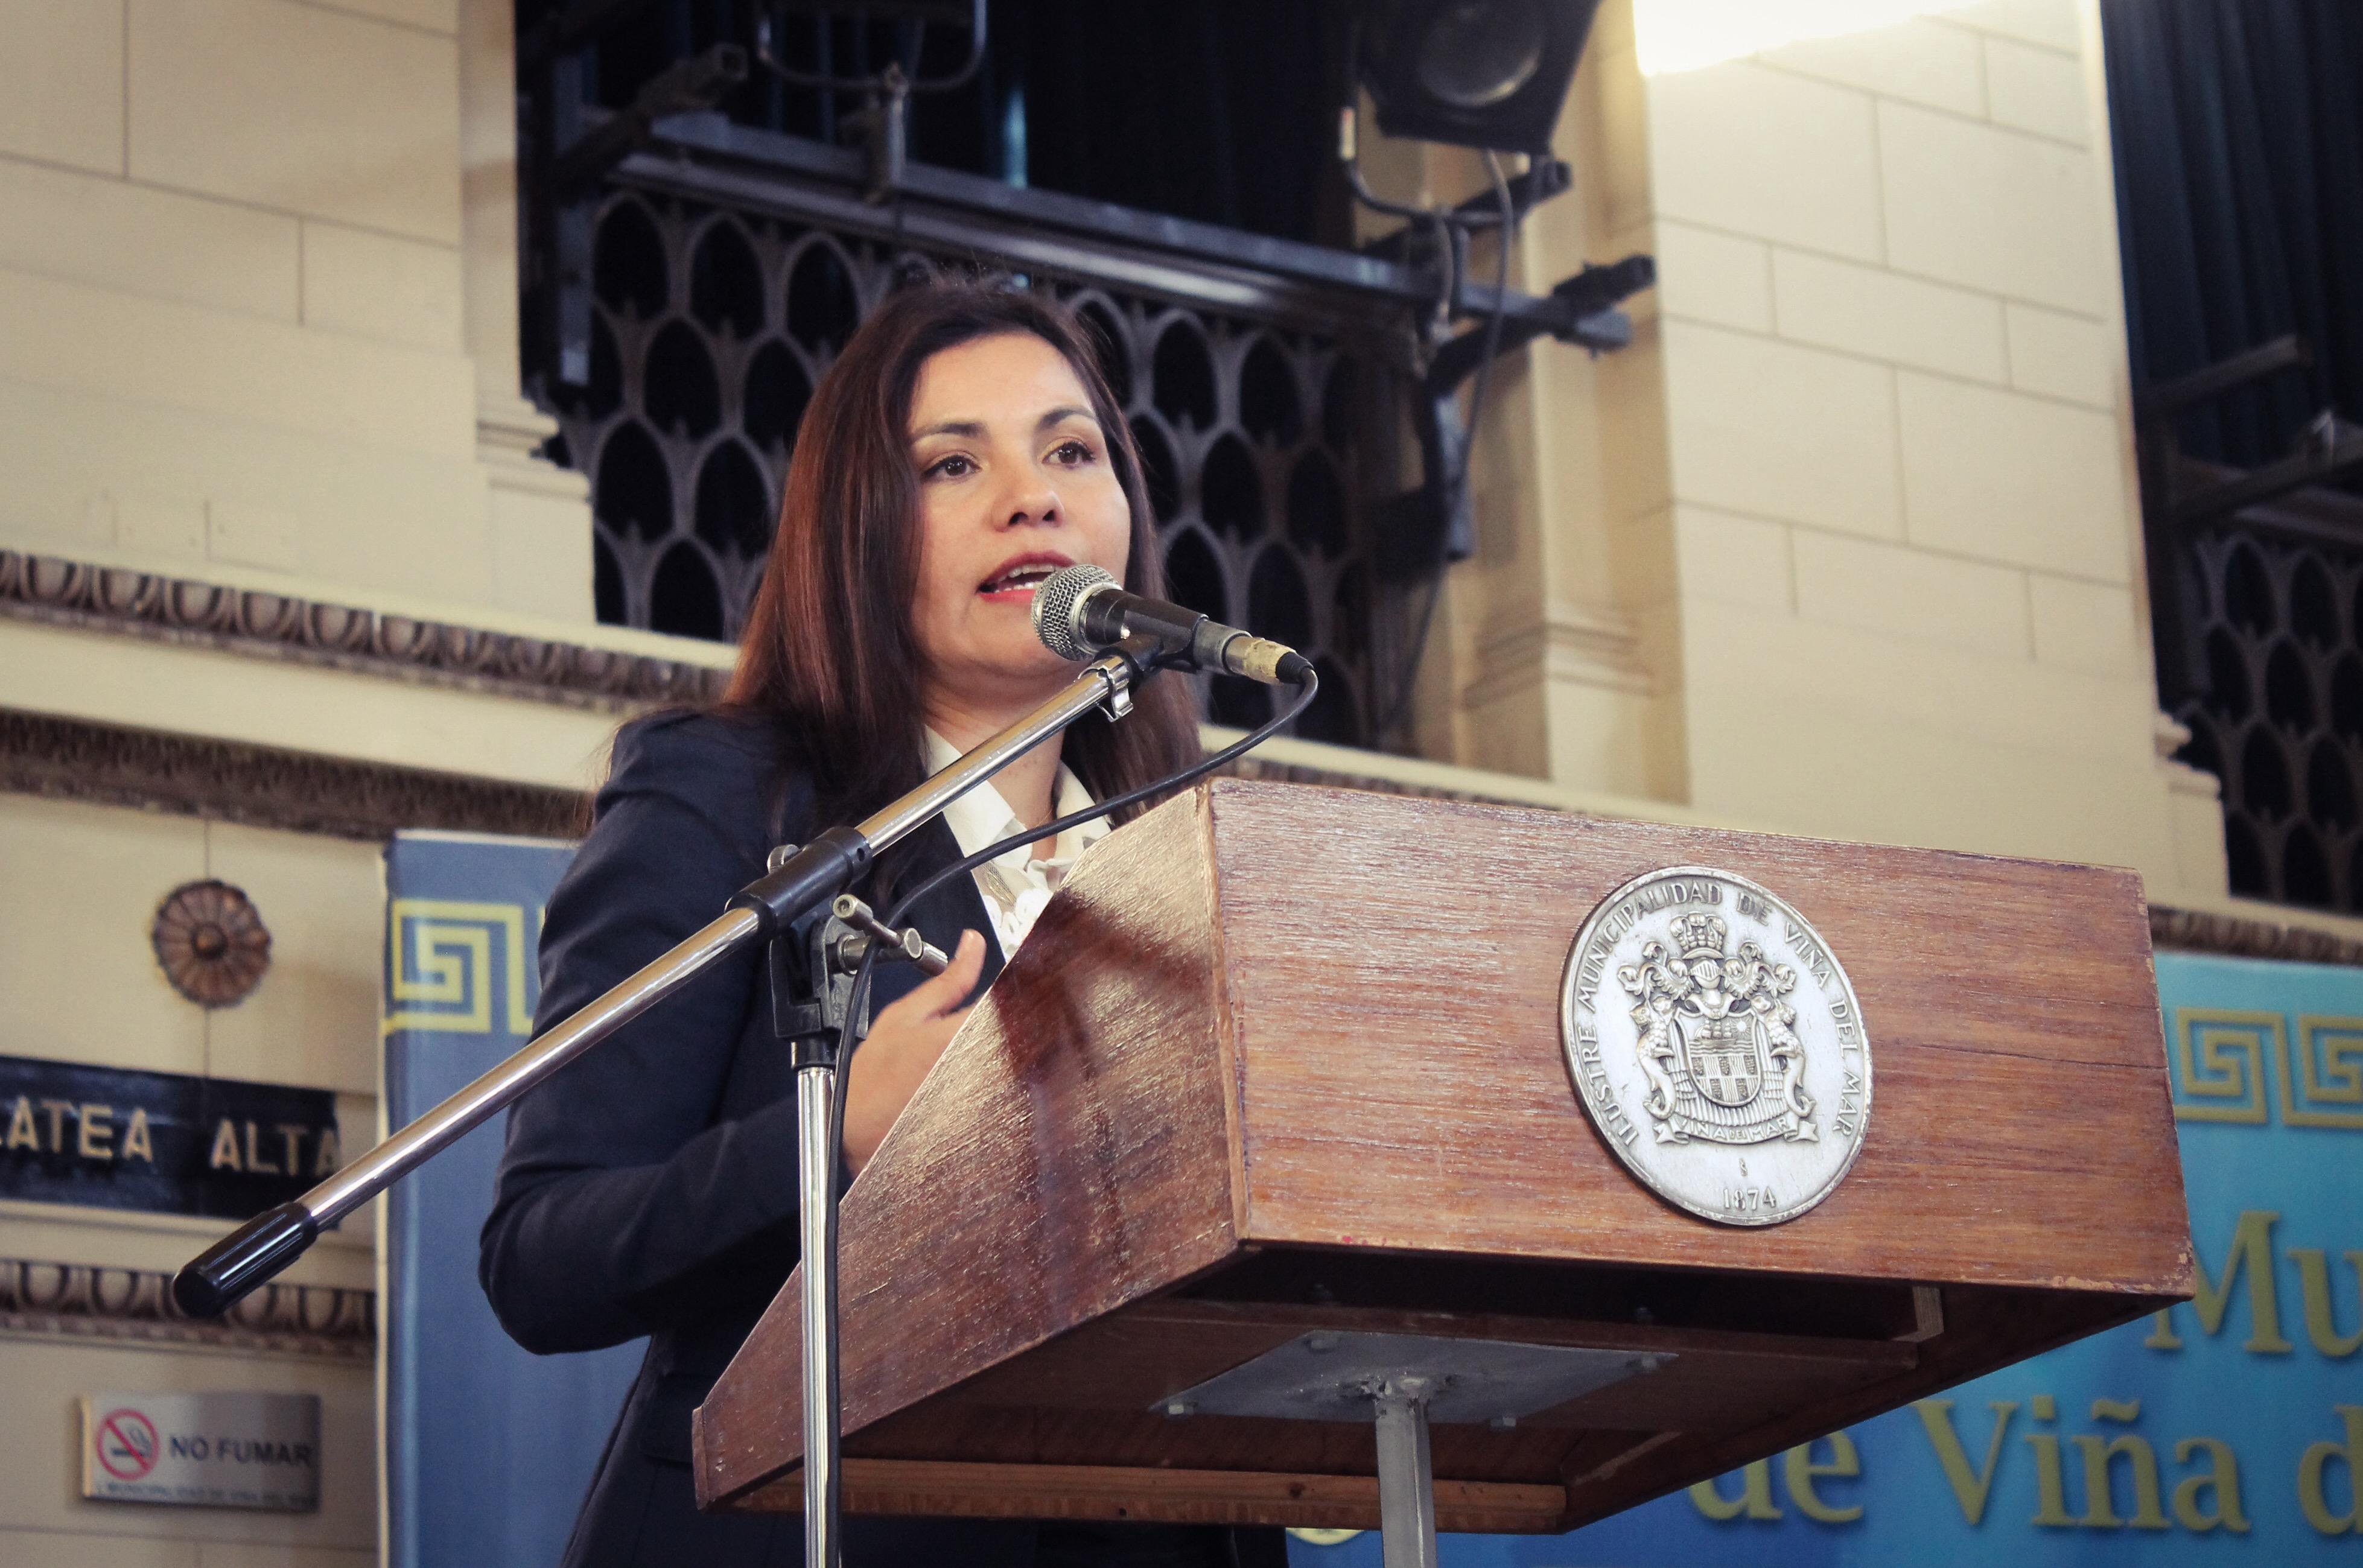 Karla Godoy